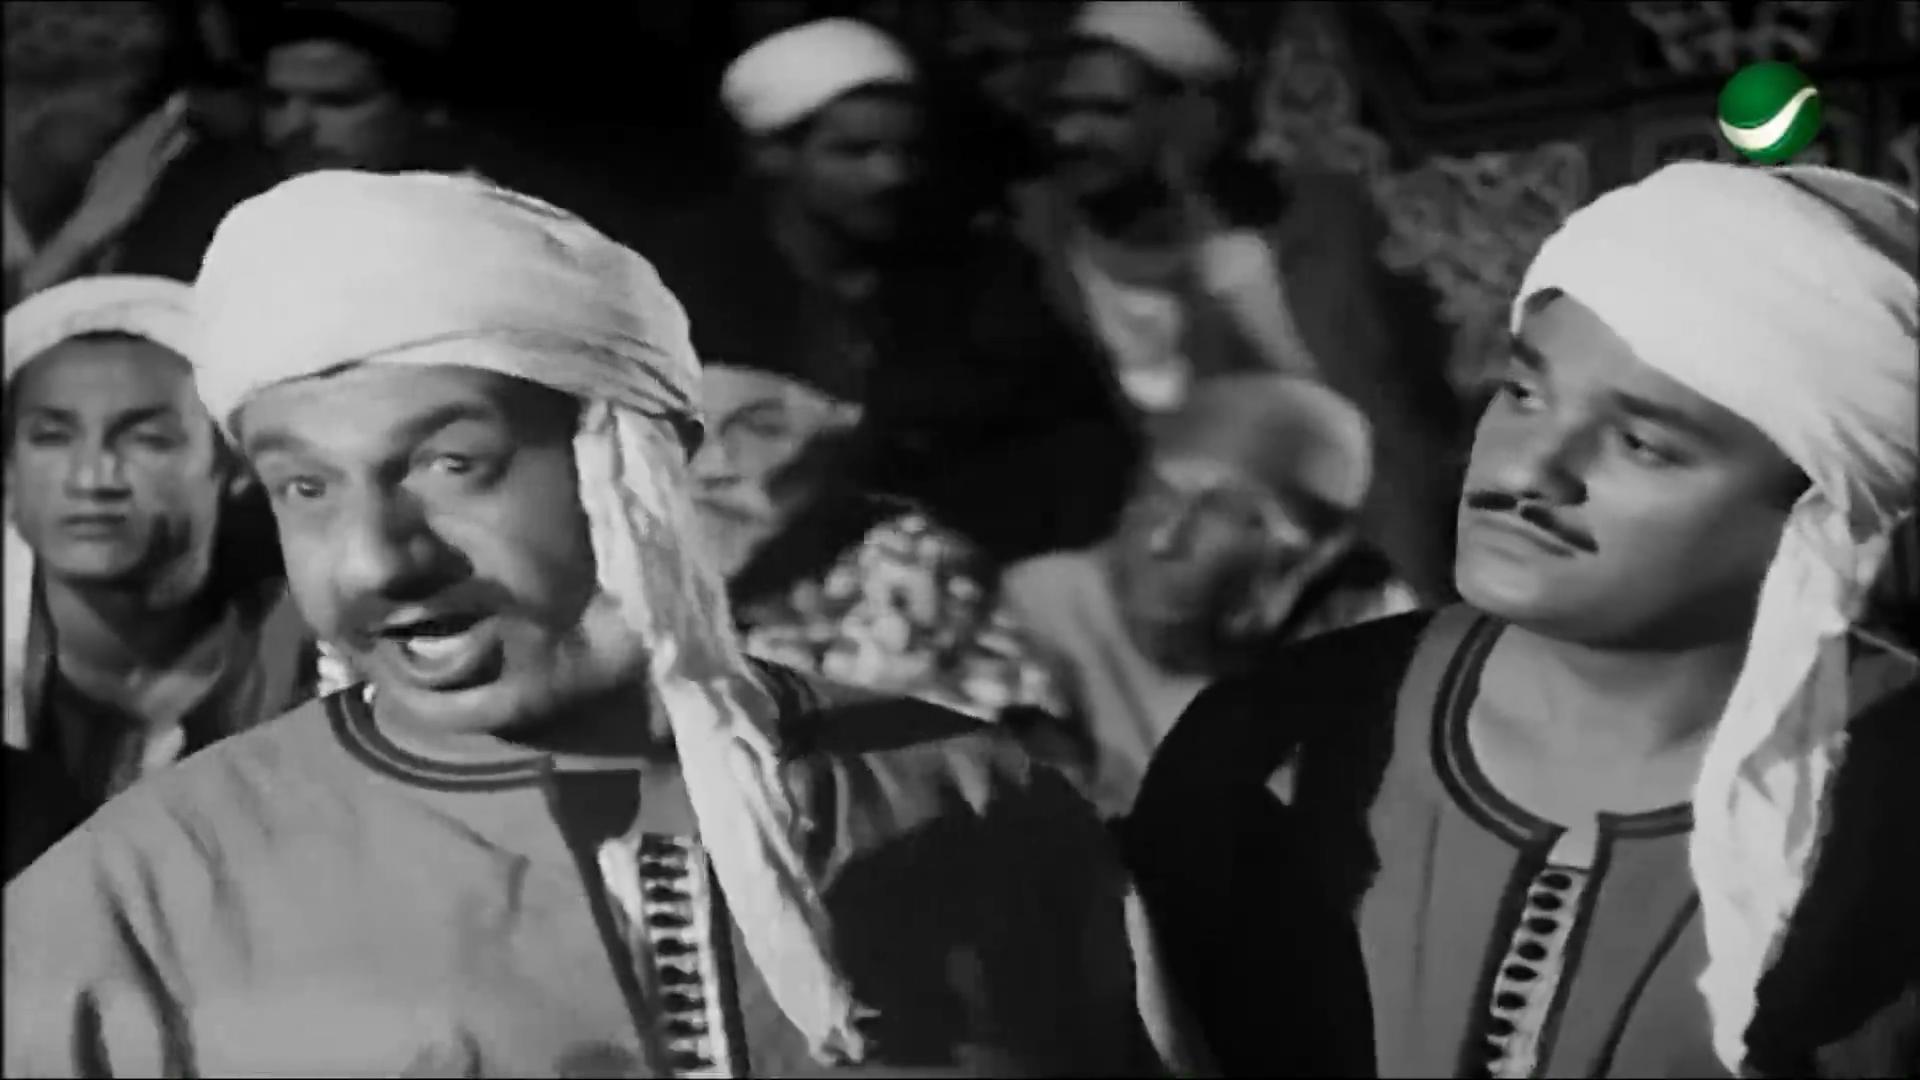 [فيلم][تورنت][تحميل][صراع في النيل][1959][1080p][Web-DL] 7 arabp2p.com